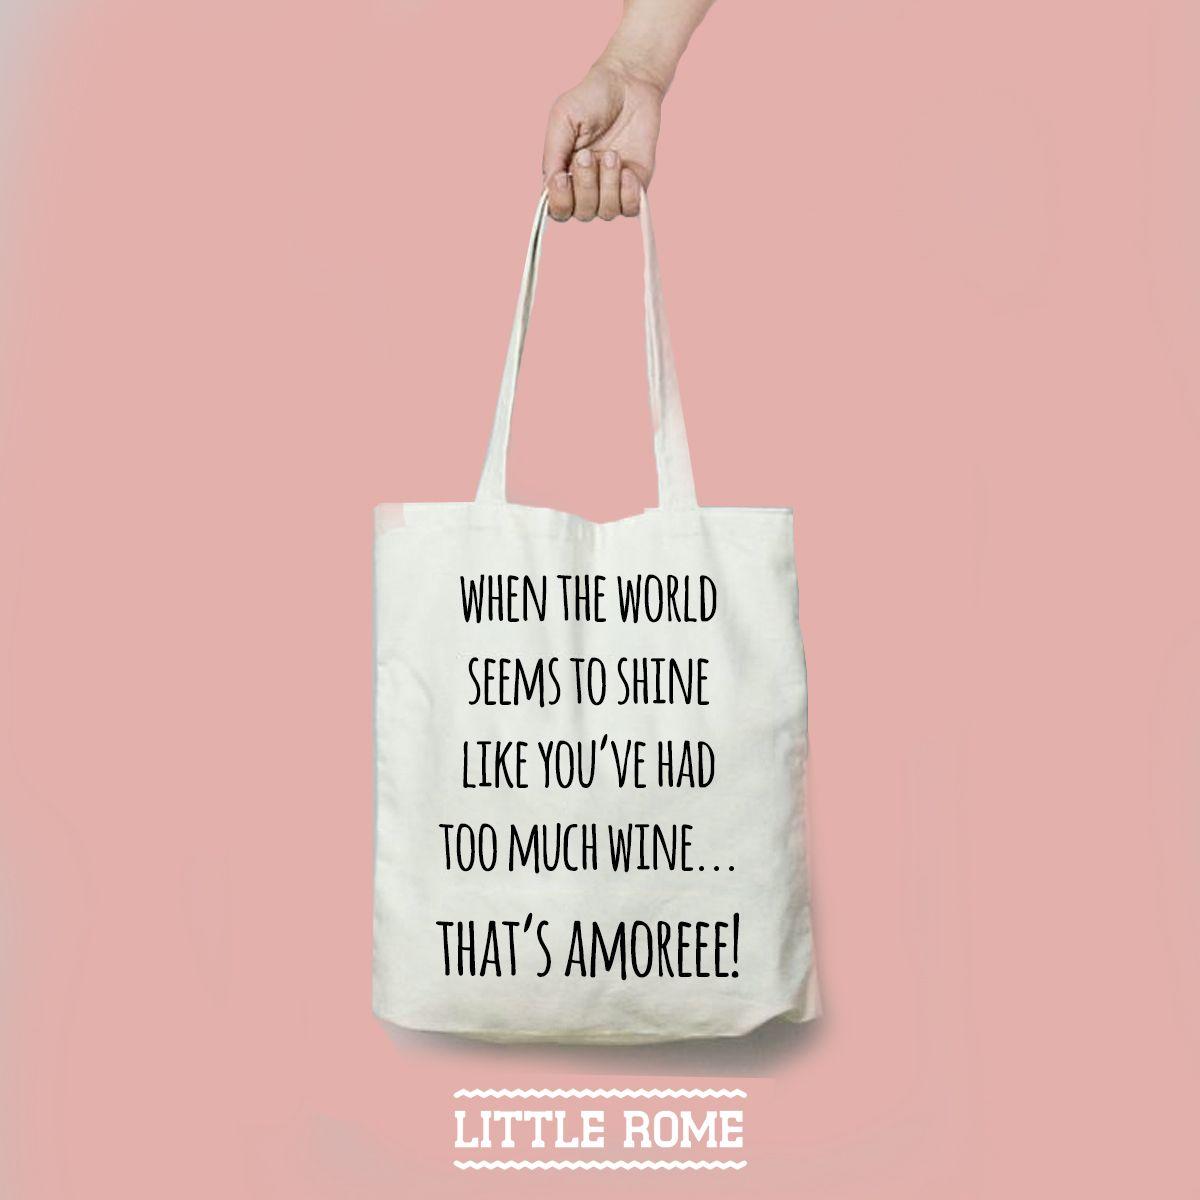 Shop de leukste Italiaanse posters, kaarten en mokken voor jouw interieur online bij Little Rome. Romantisch, inspirerend of juist grappig. Altijd Italiaans - www.littlerome.nl